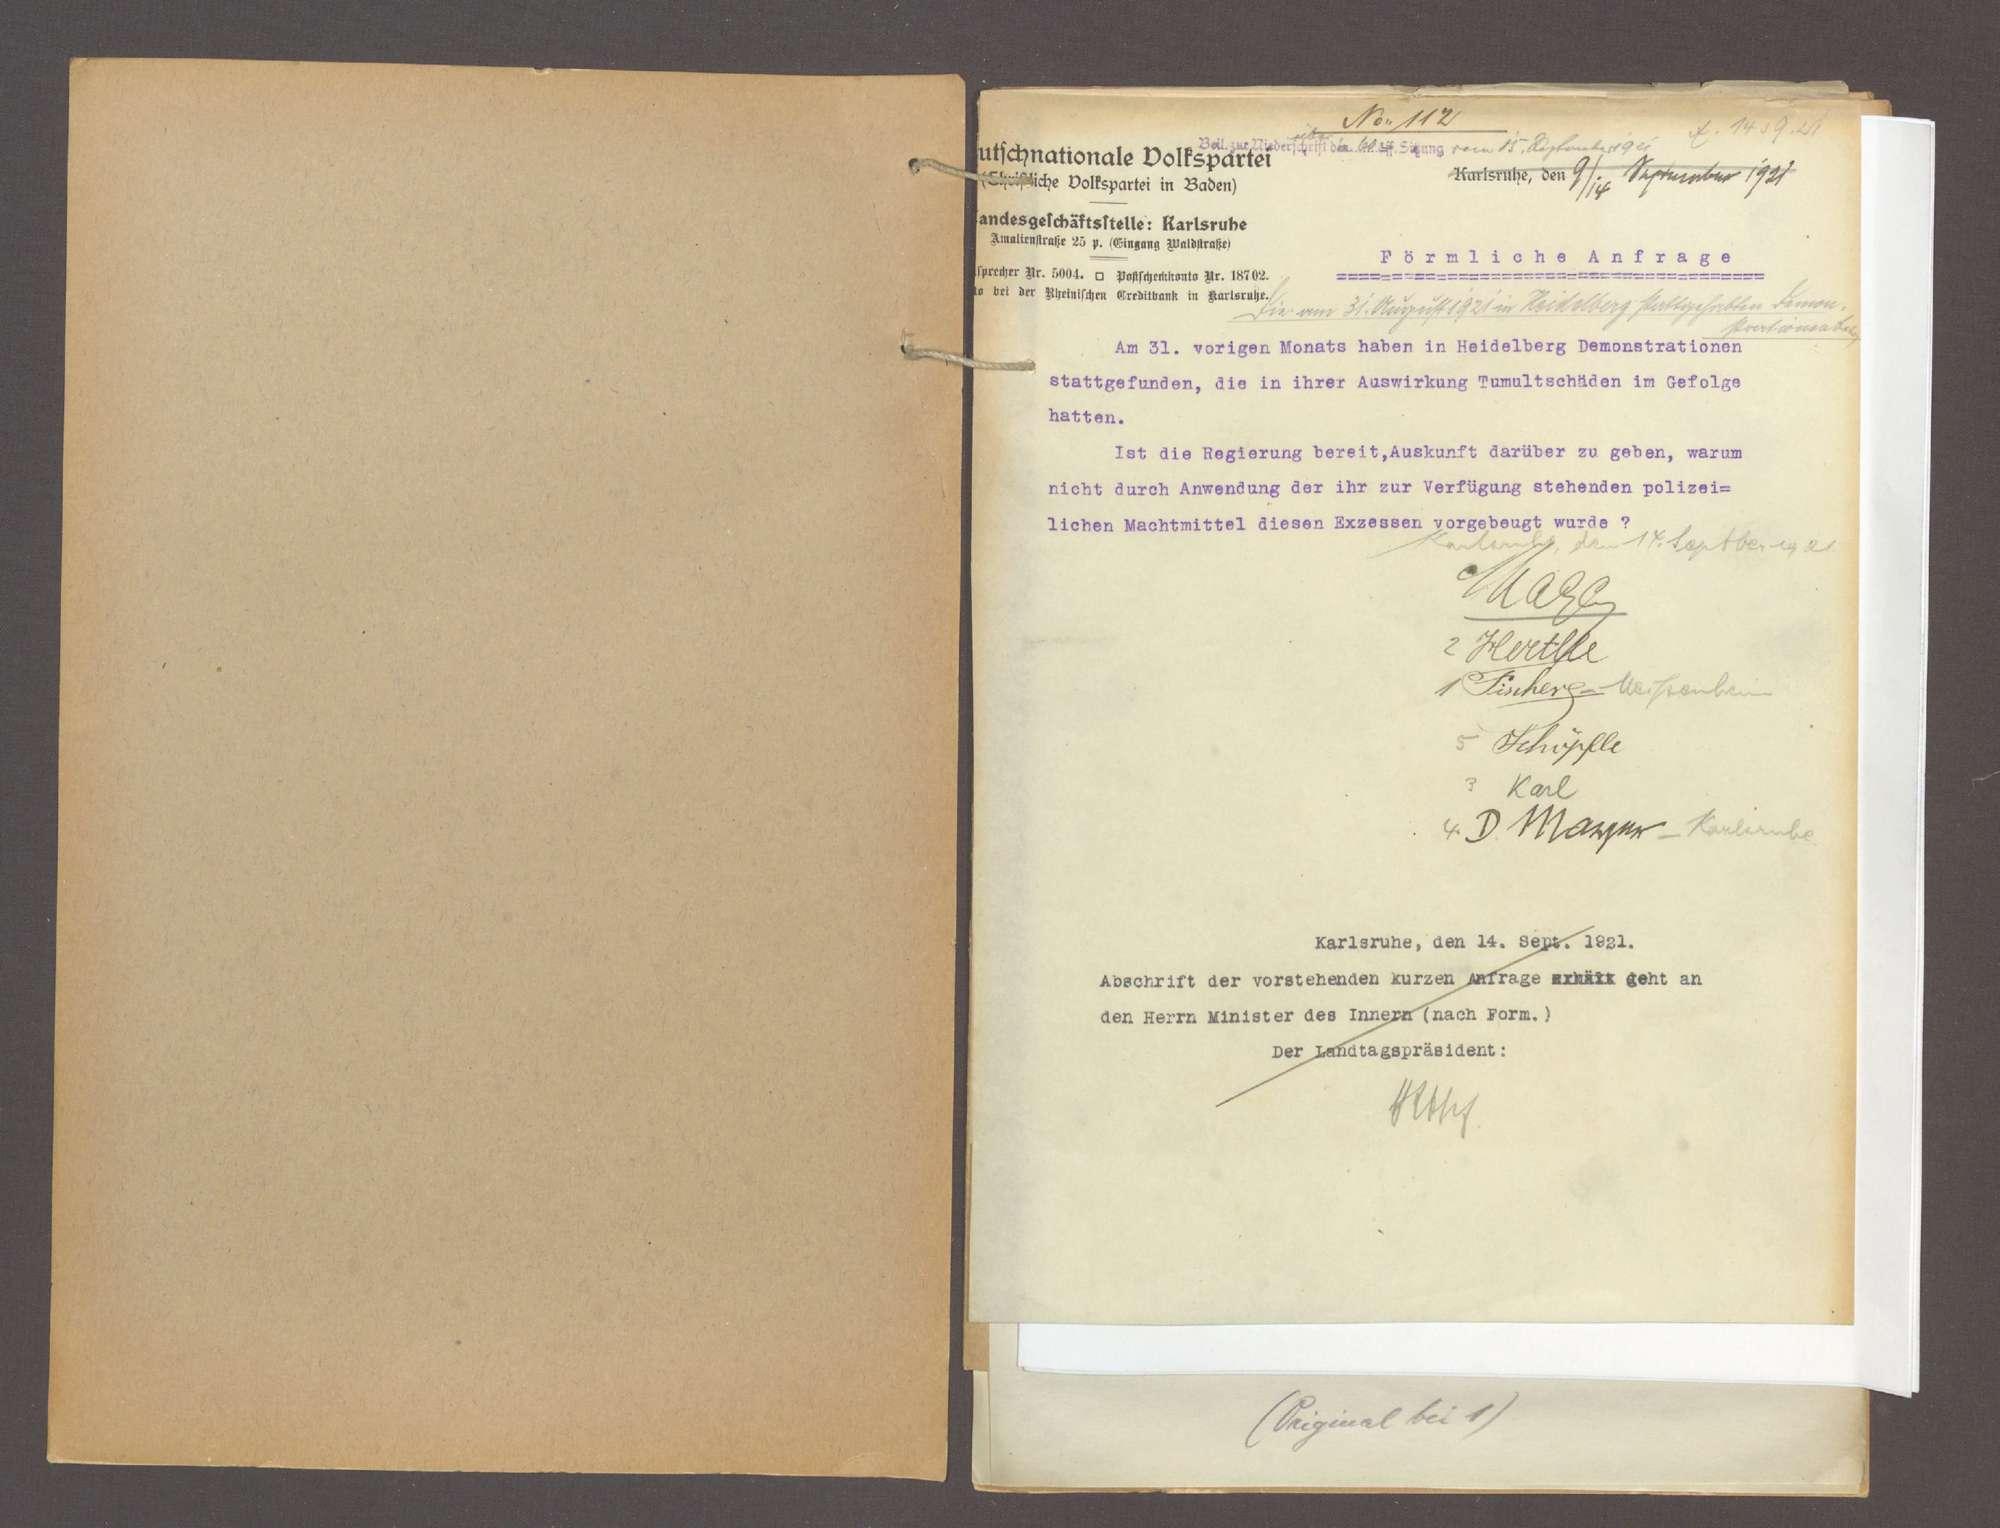 Förmliche Anfrage der Abg. Mager u. Gen., die am 31. August 1921 in Heidelberg stattgehabten Demonstrationen betr., über das Verbot der Süddeutschen Zeitung und das Verbot von Regimentsfeiern, Bild 2